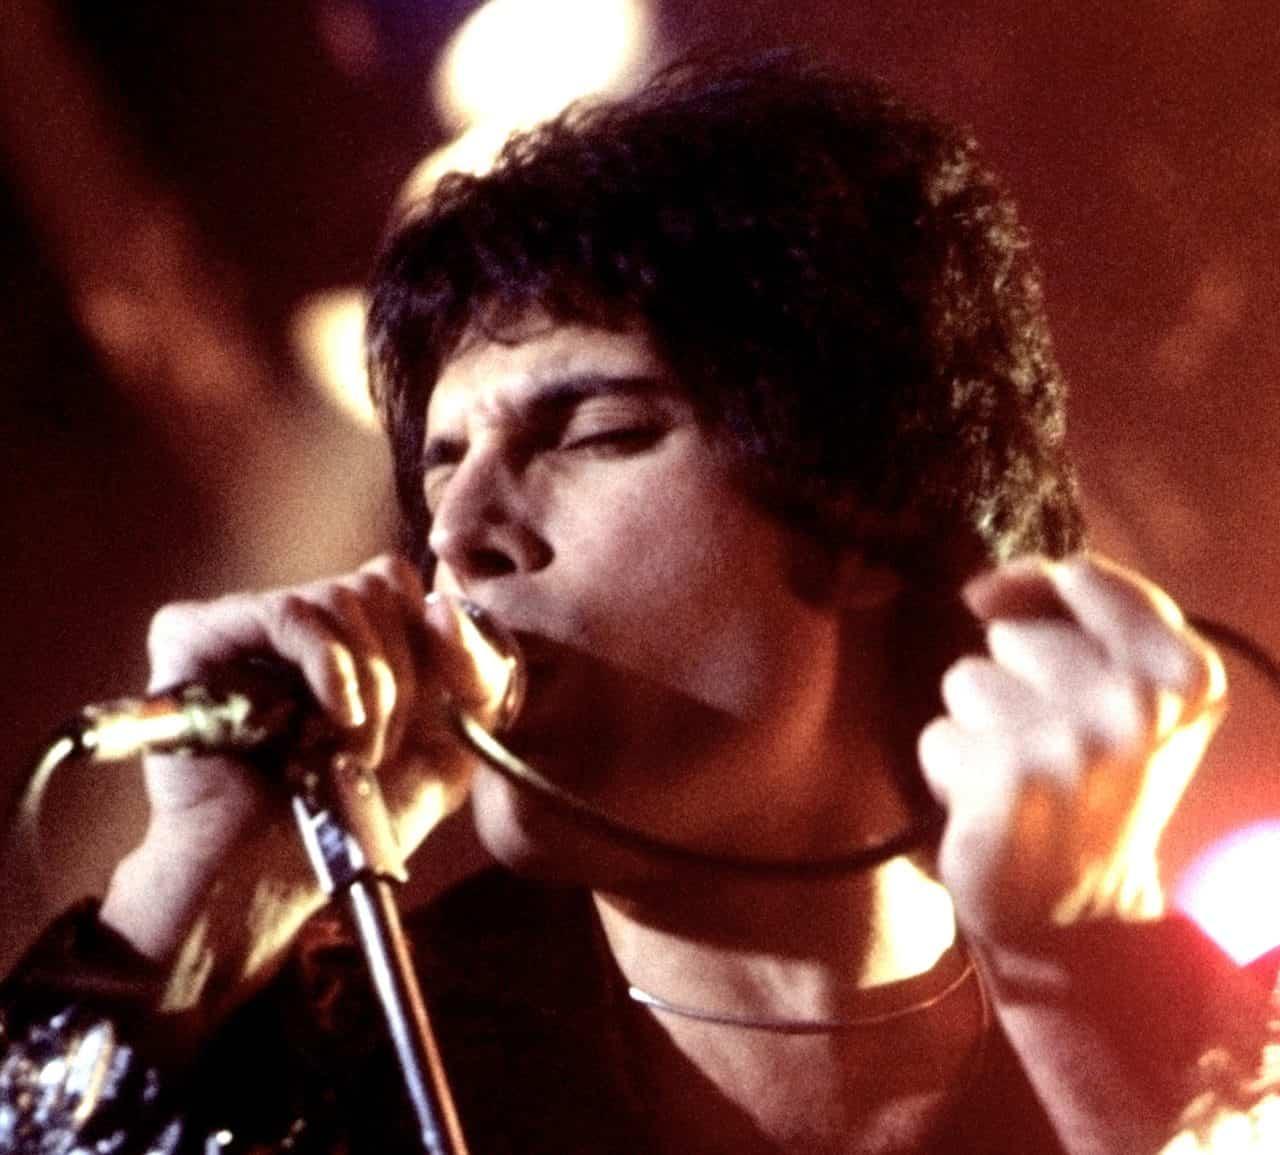 Freddie Mercury Singing 1978: Carl Lender